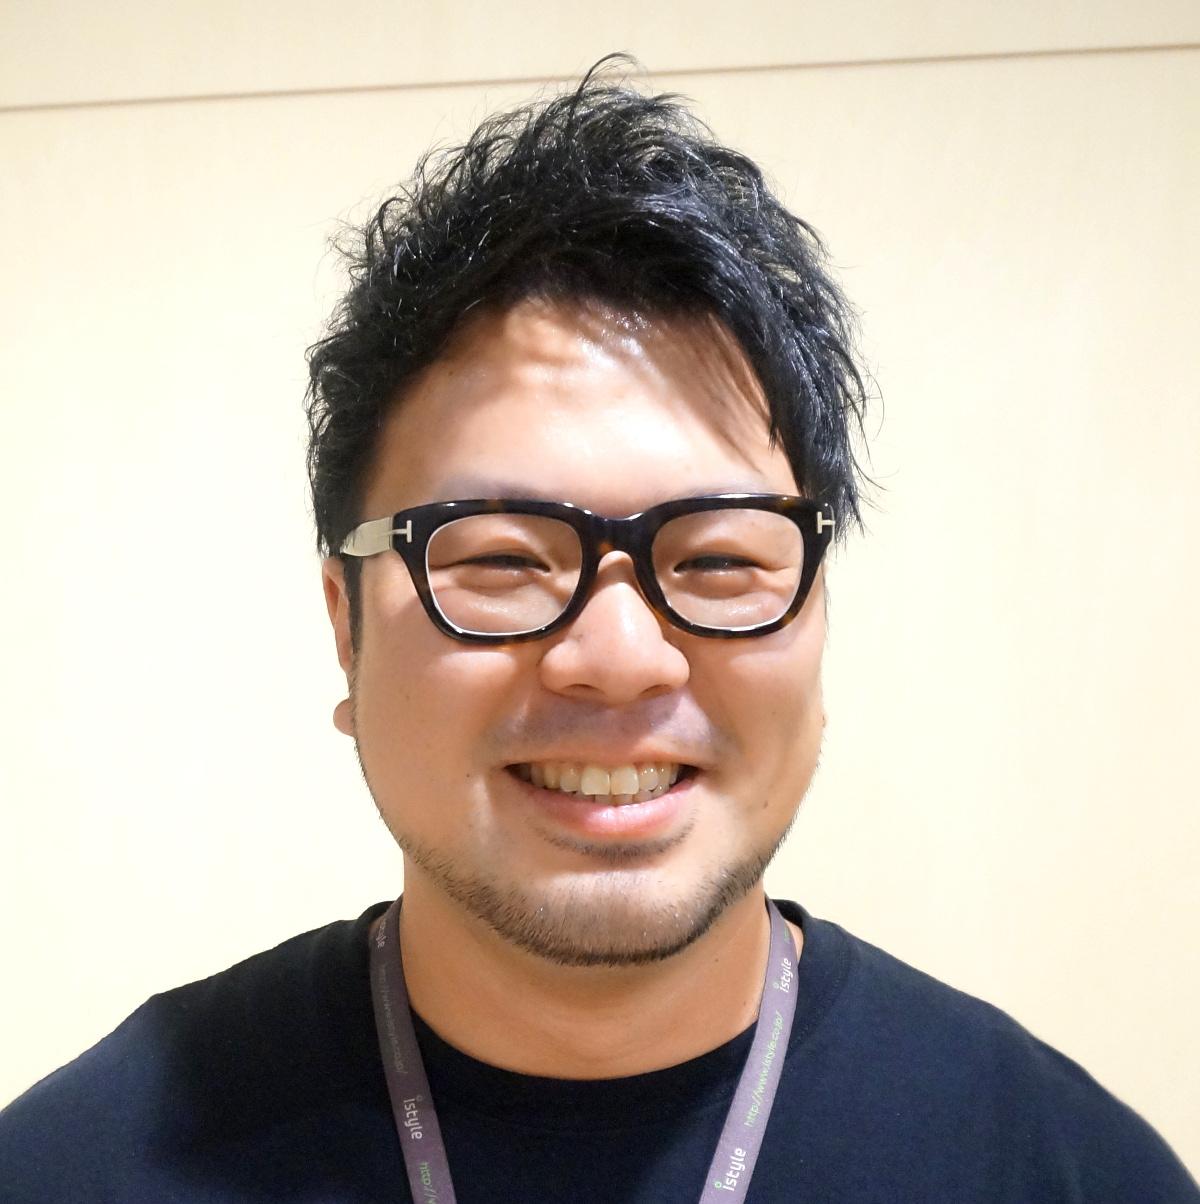 Daiju Sasaki